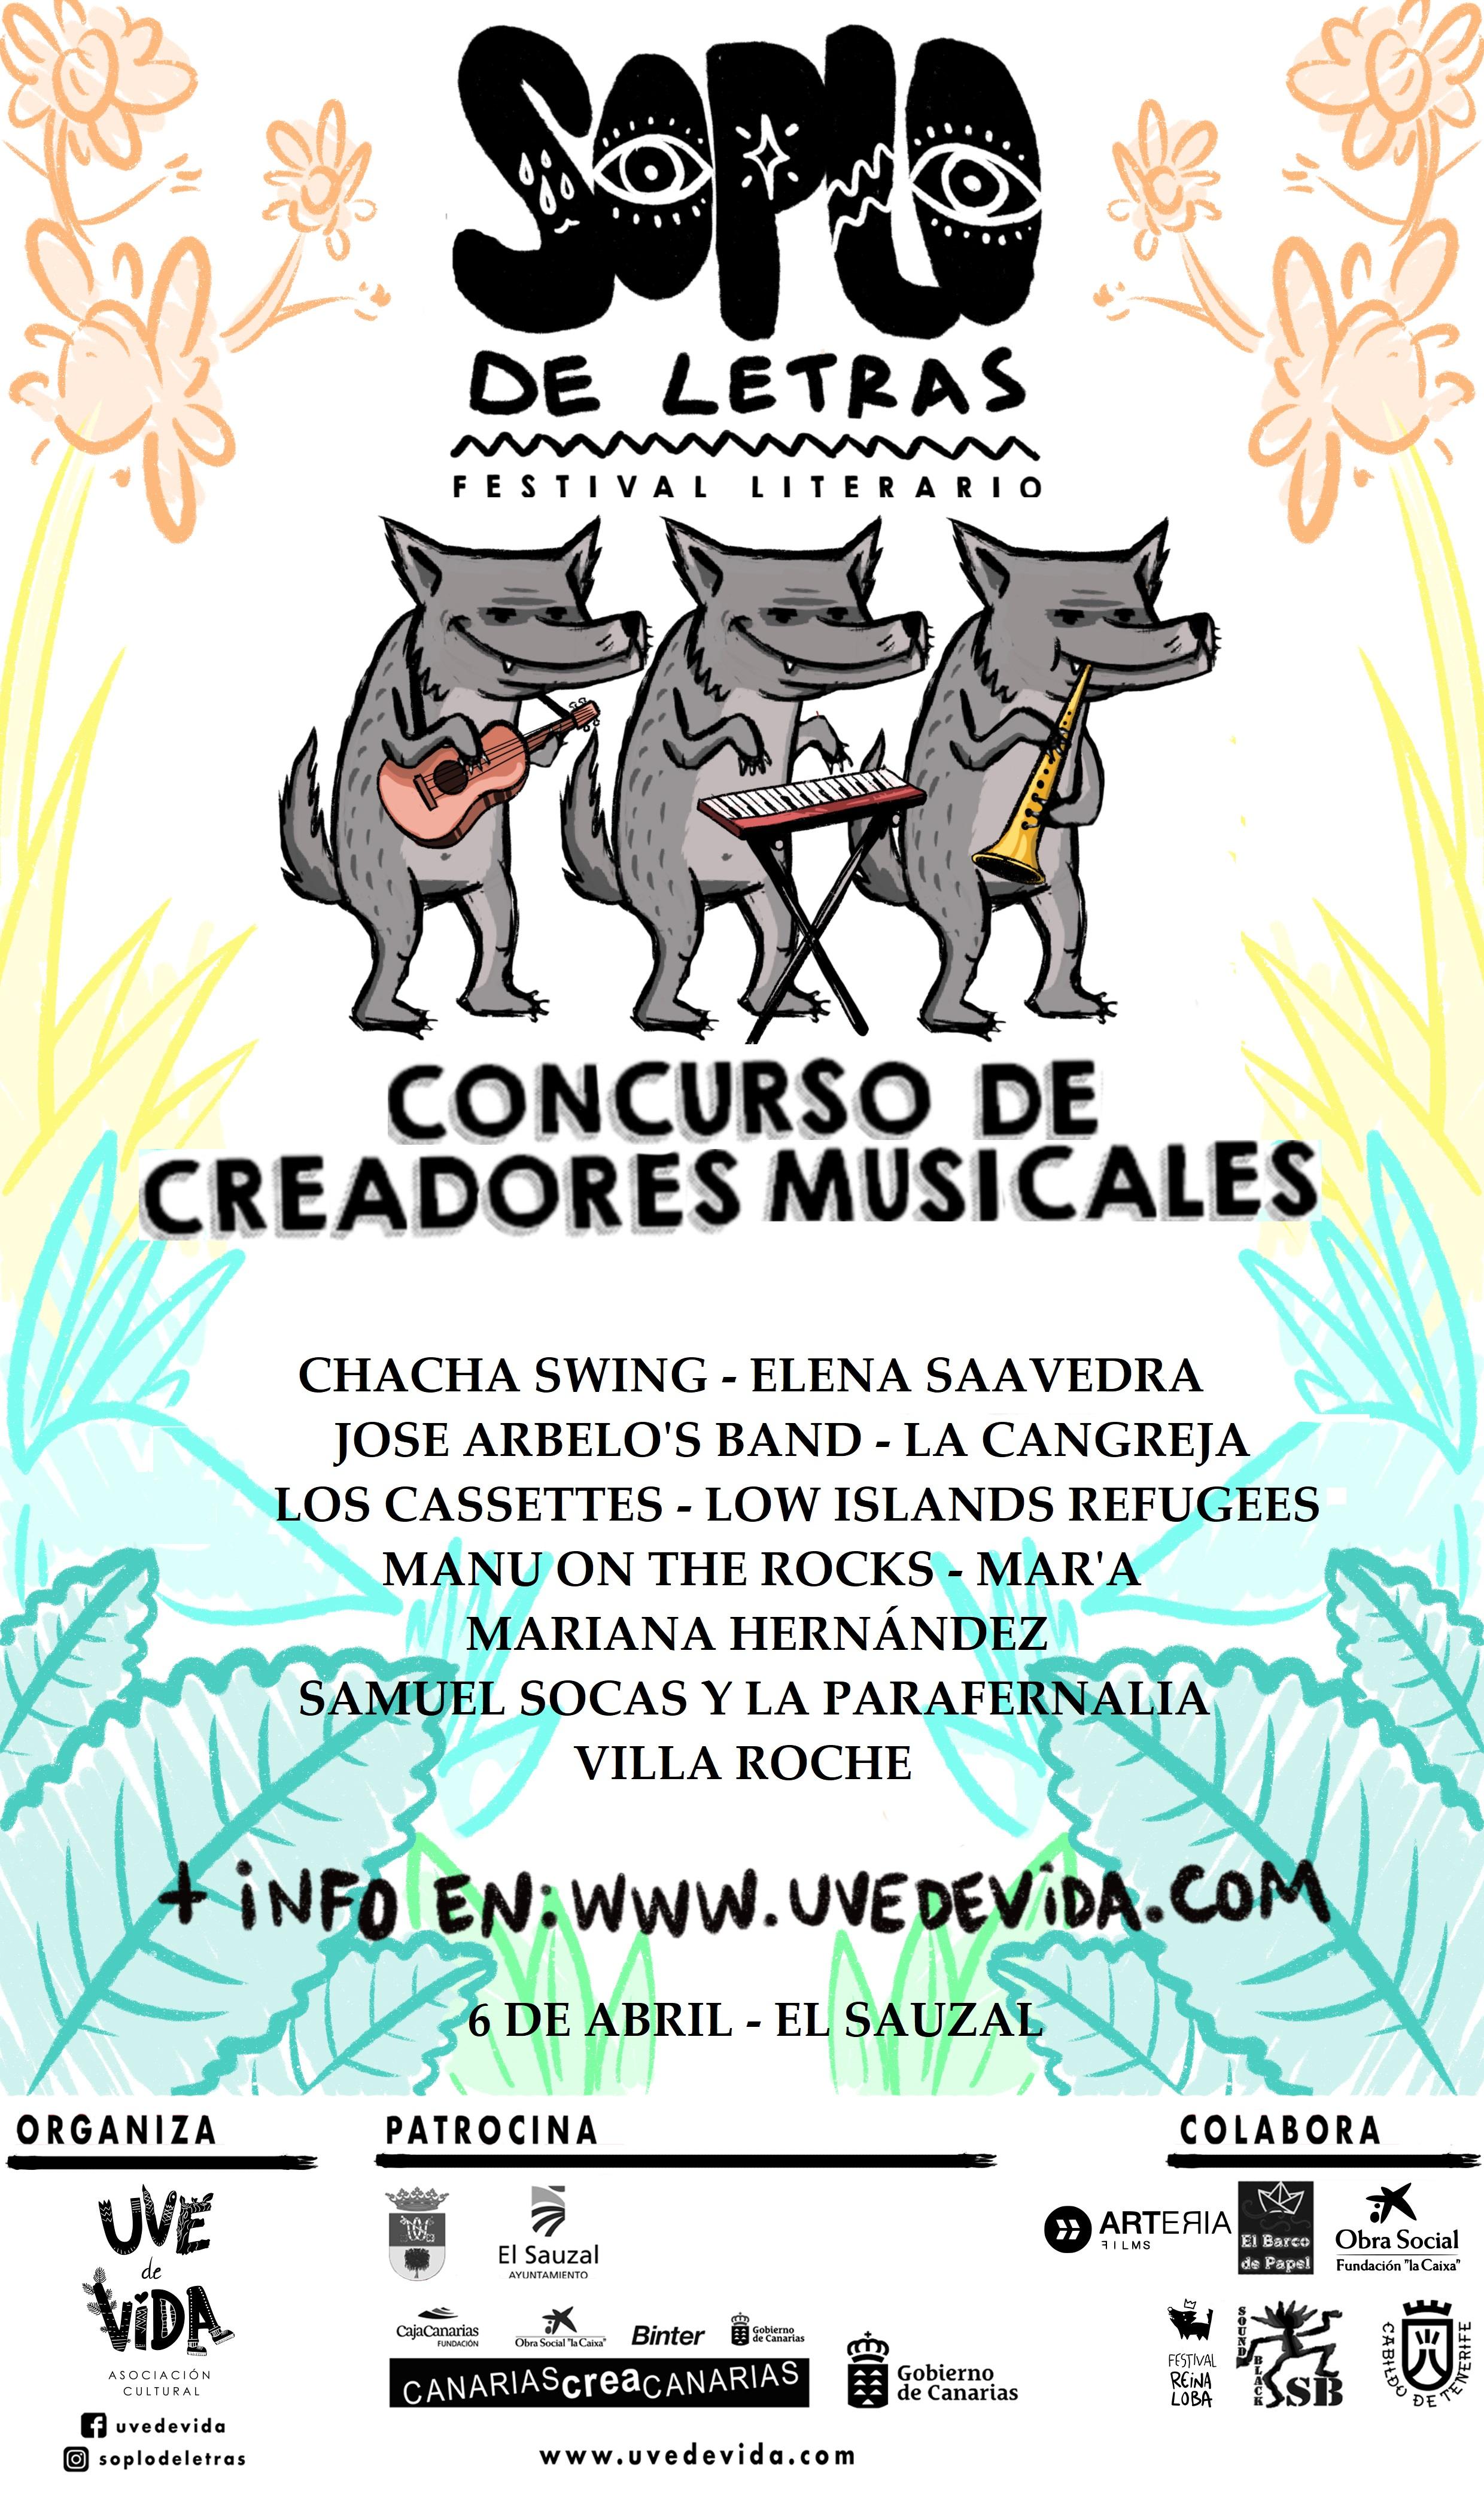 Creadores Musicales - Soplo de Letras 2019